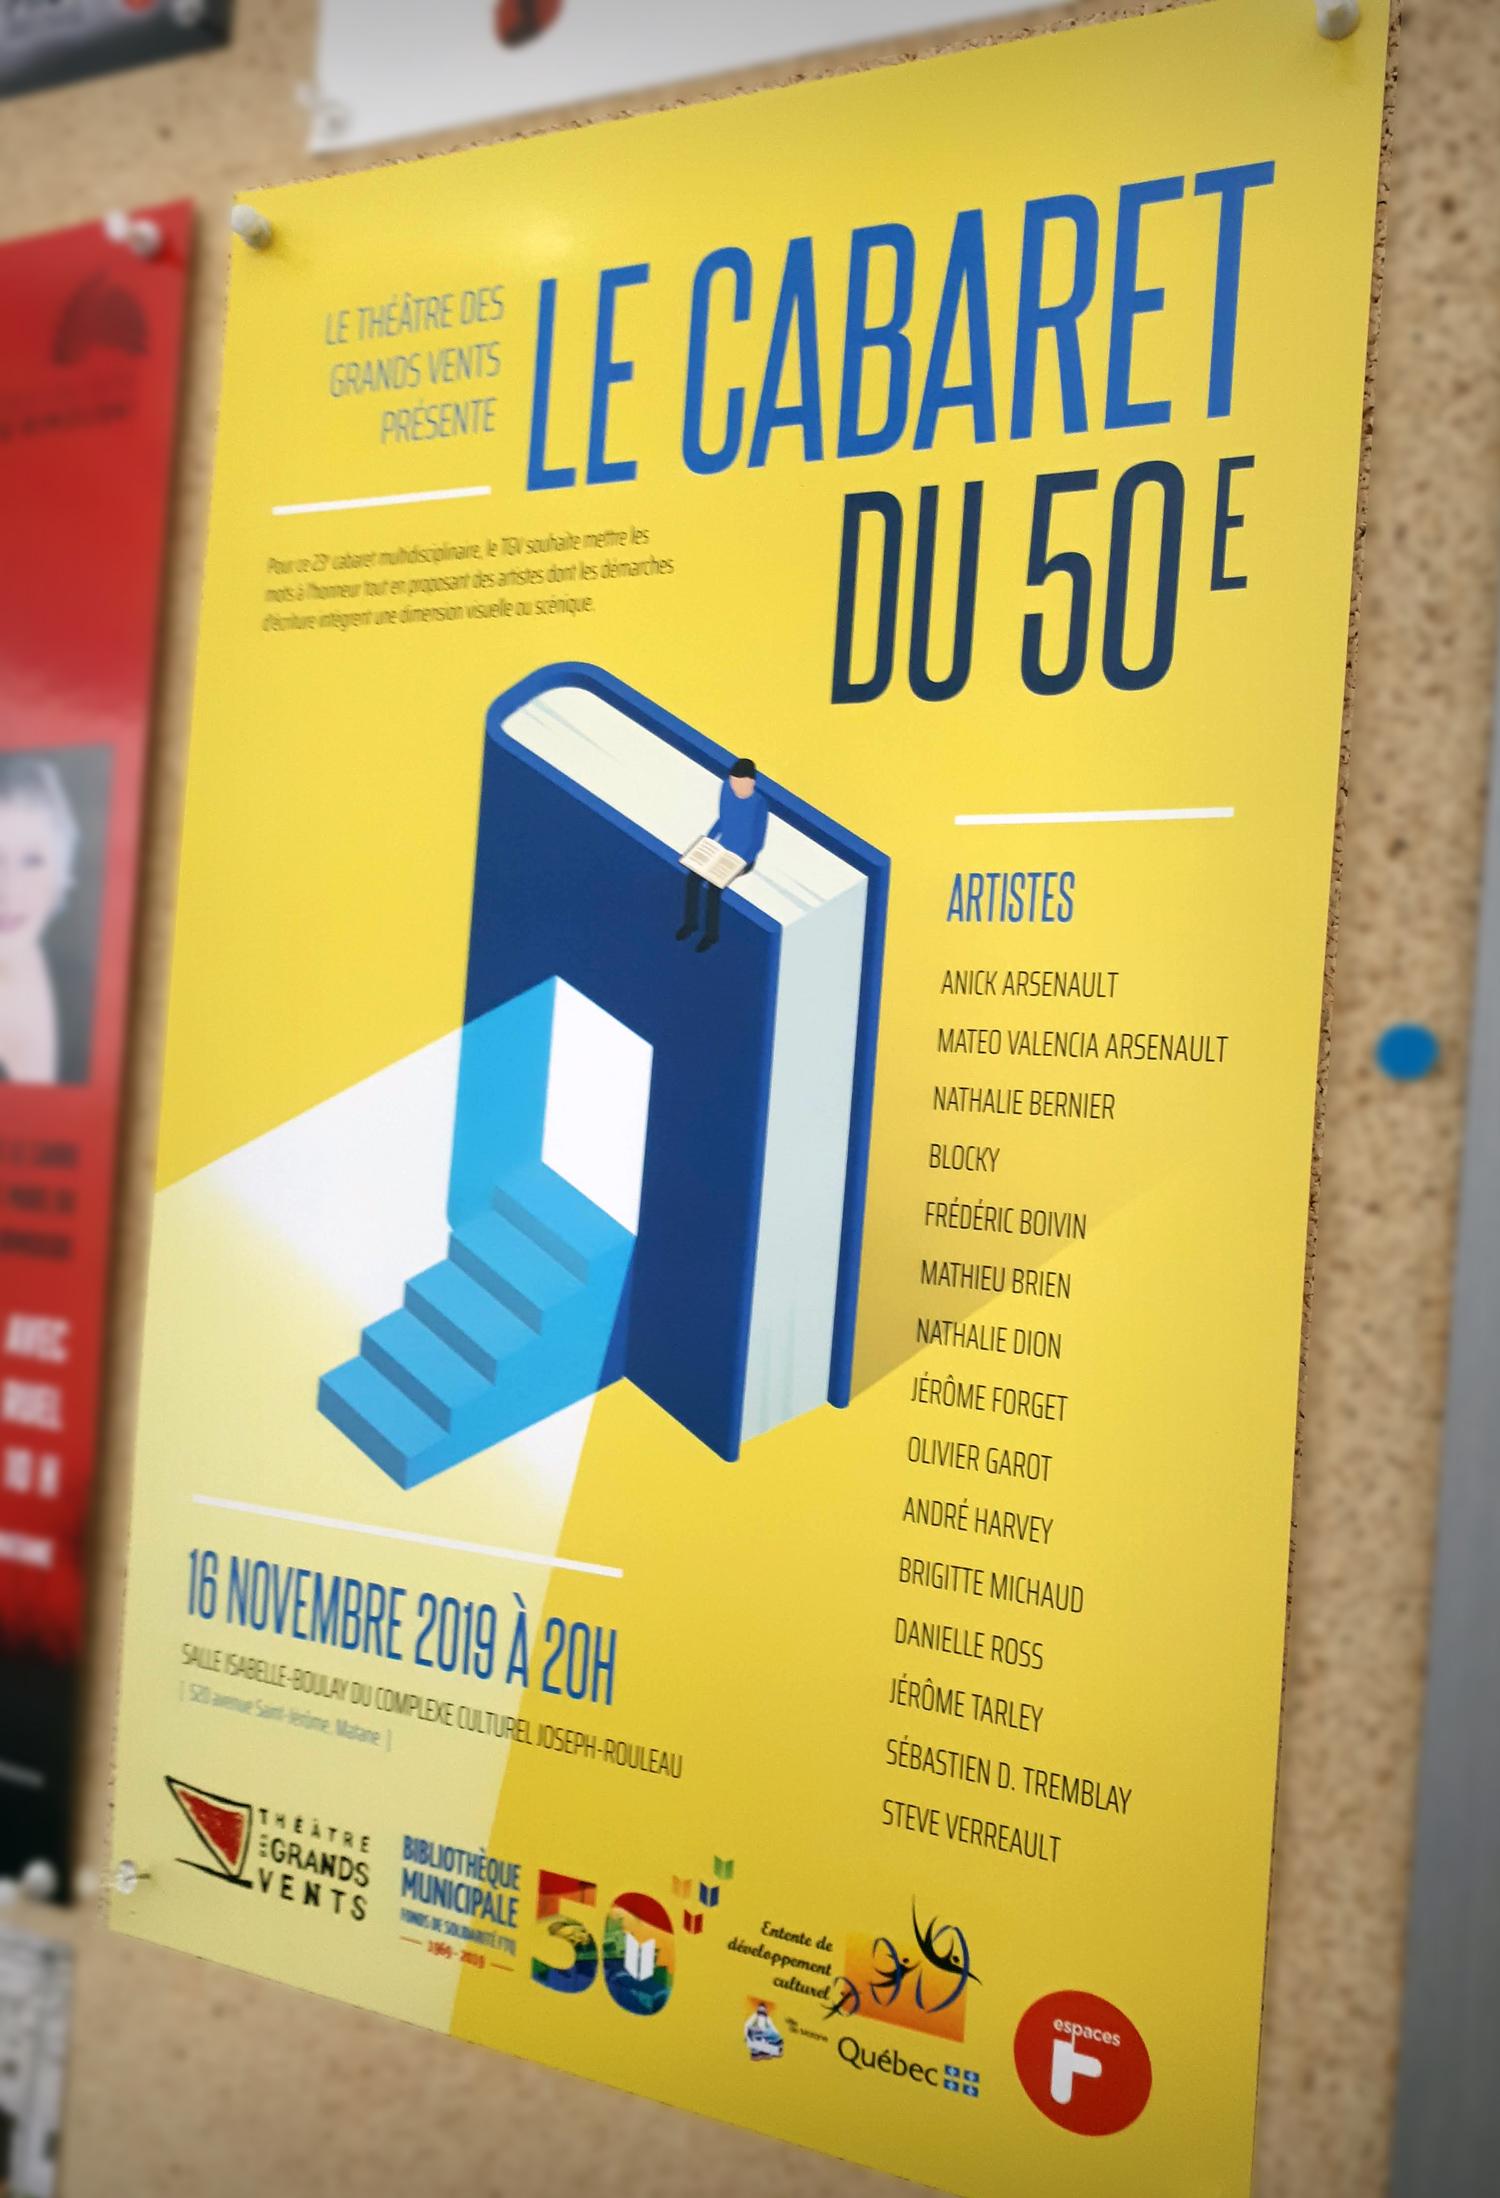 Conception d'une affiche pour la soirée Le cabaret du 50e